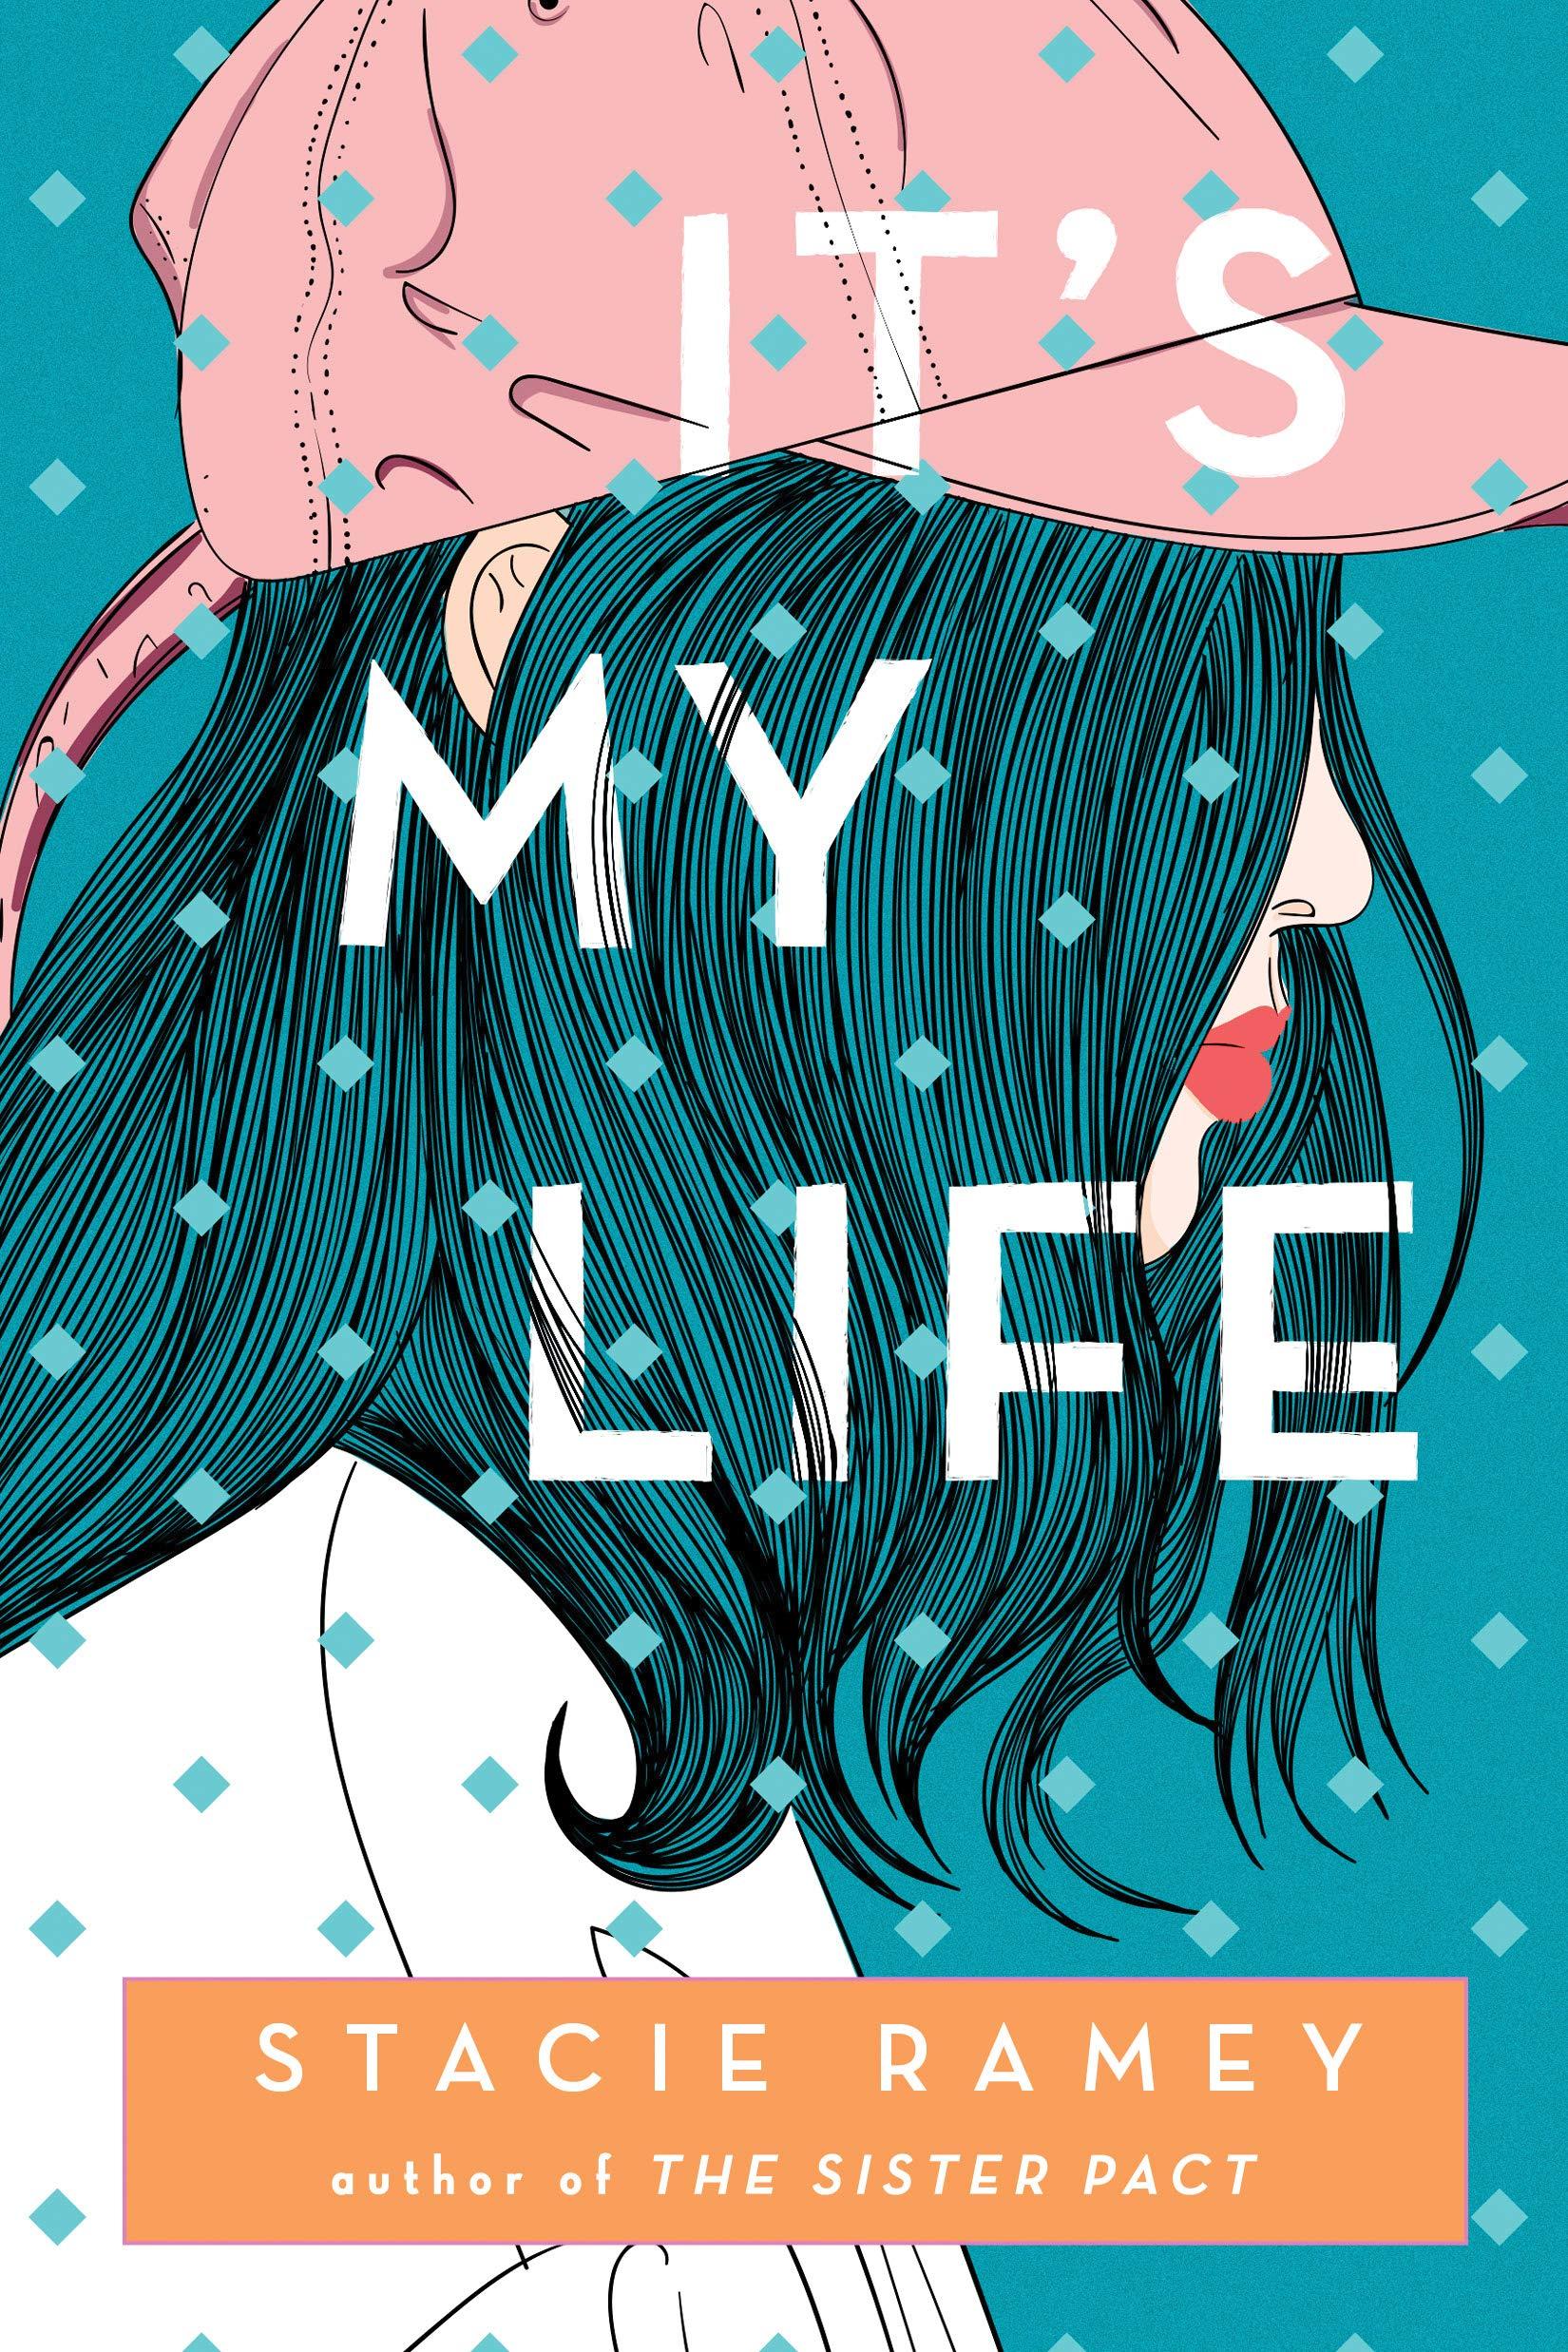 Amazon.com: It's My Life (9781492694526): Ramey, Stacie: Books